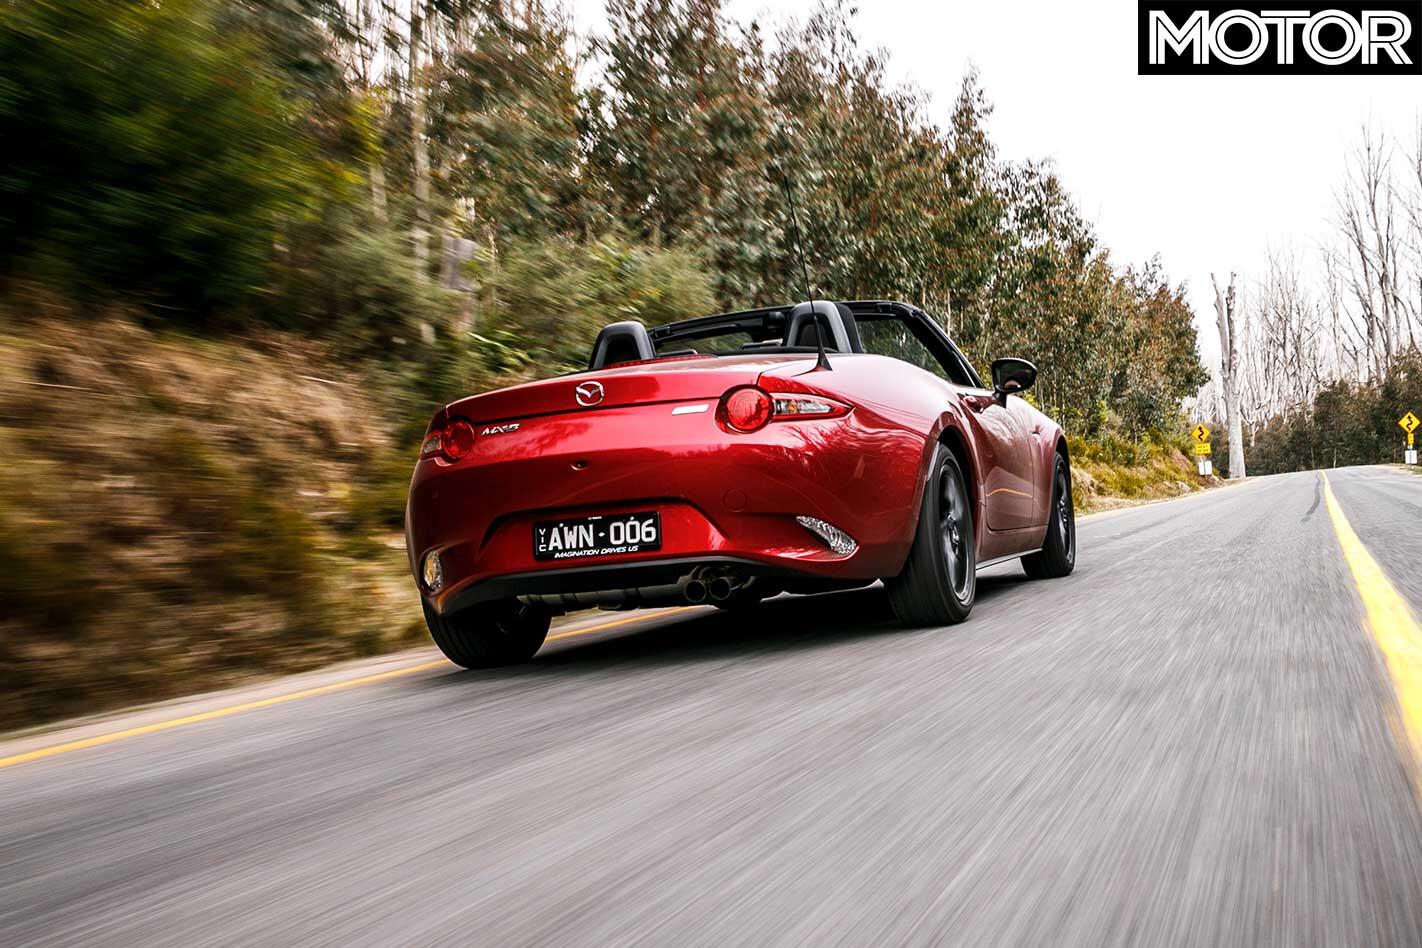 2018 Mazda MX 5 Dynamic Jpg